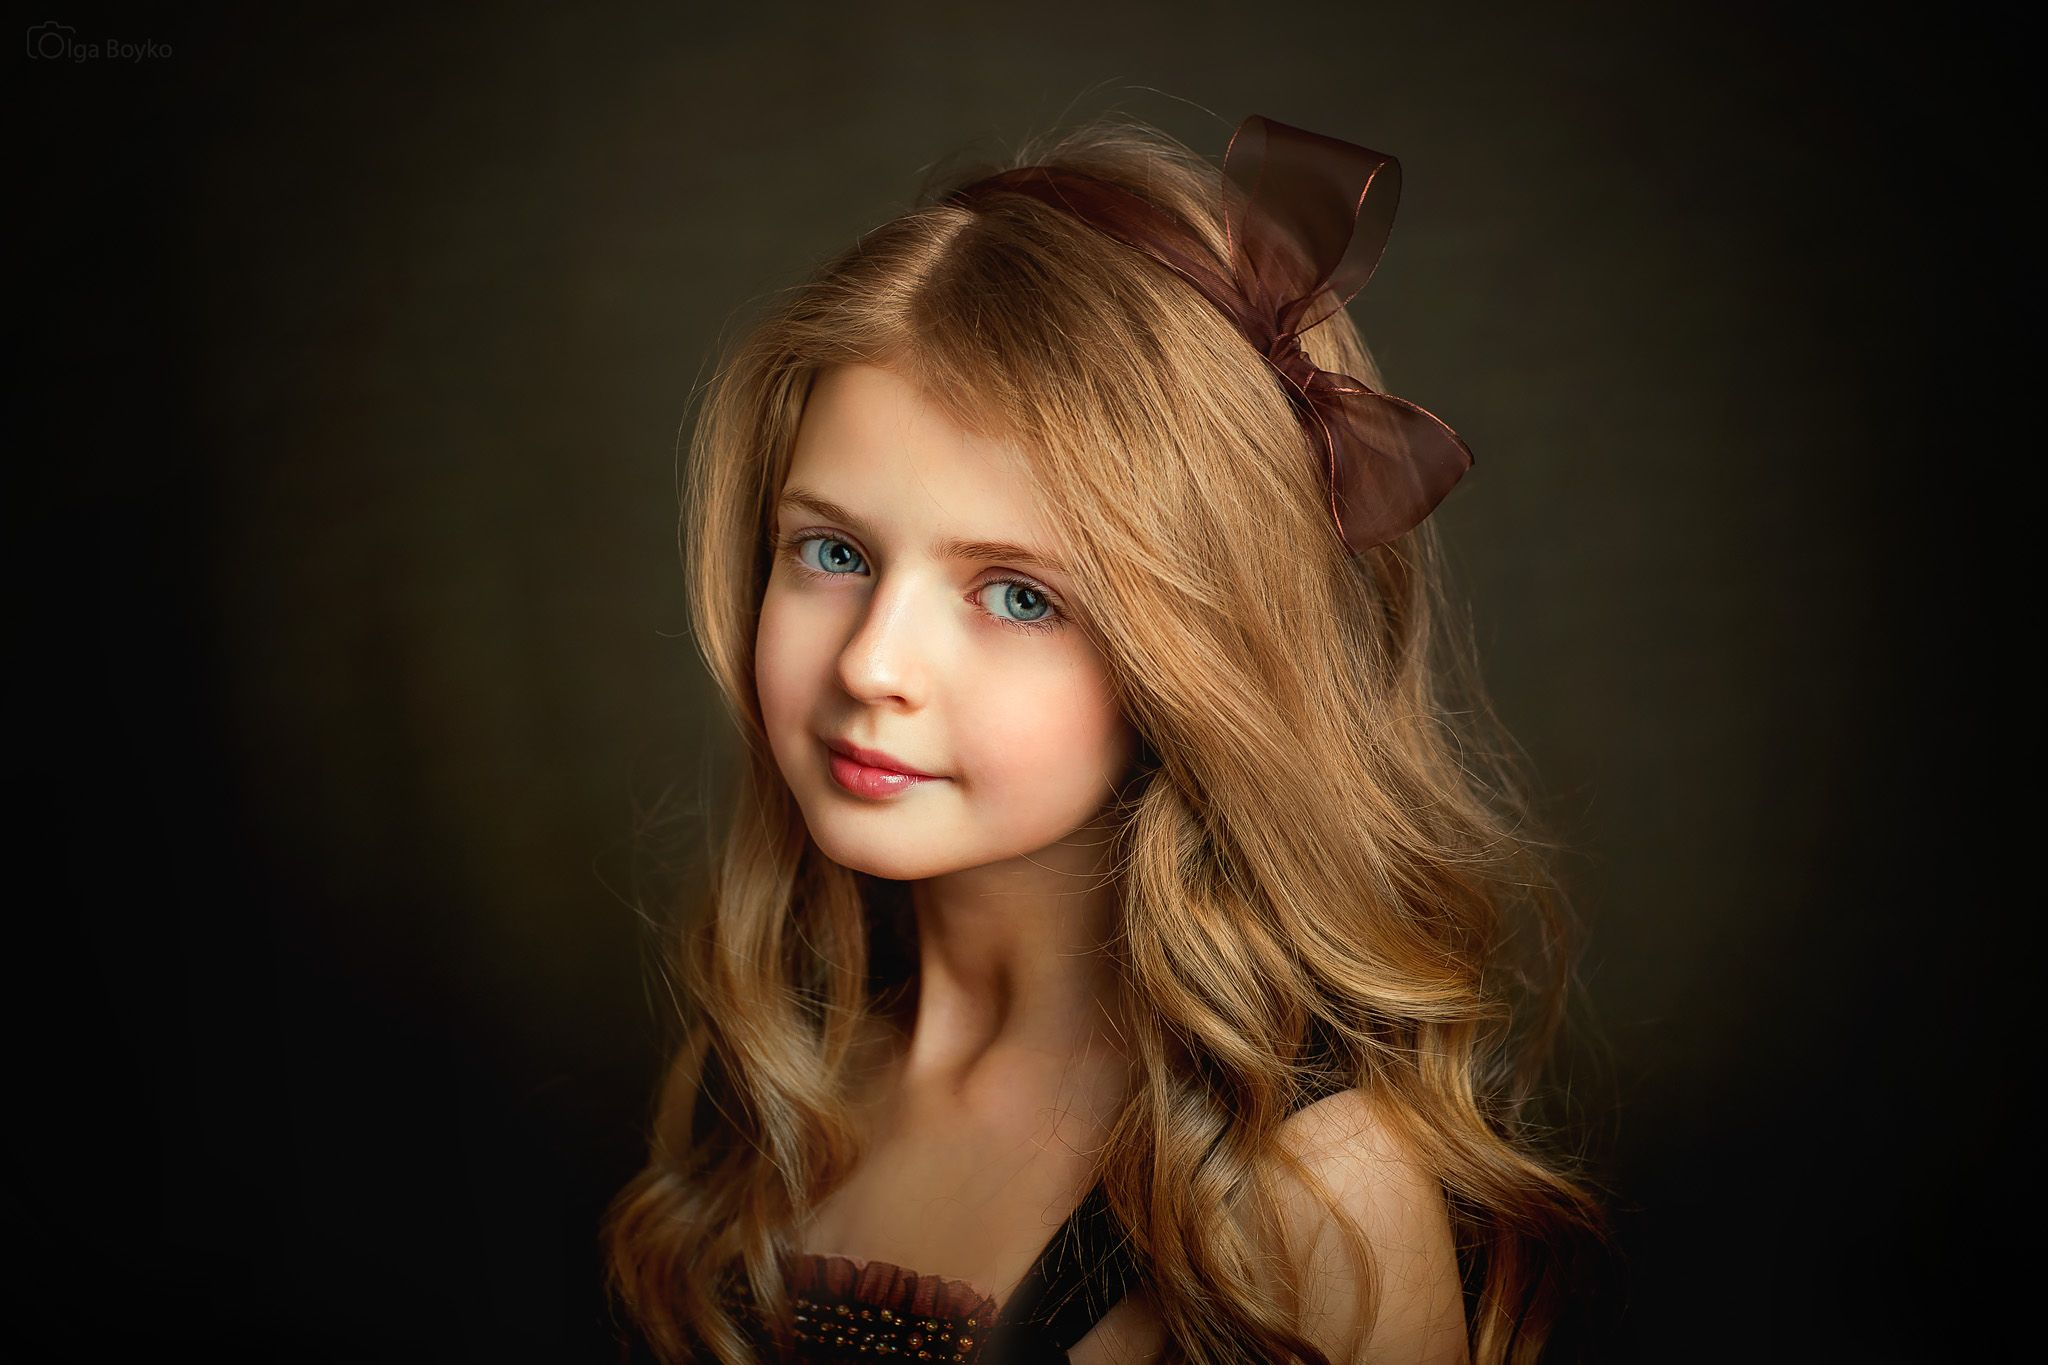 Девочка картинка портрет